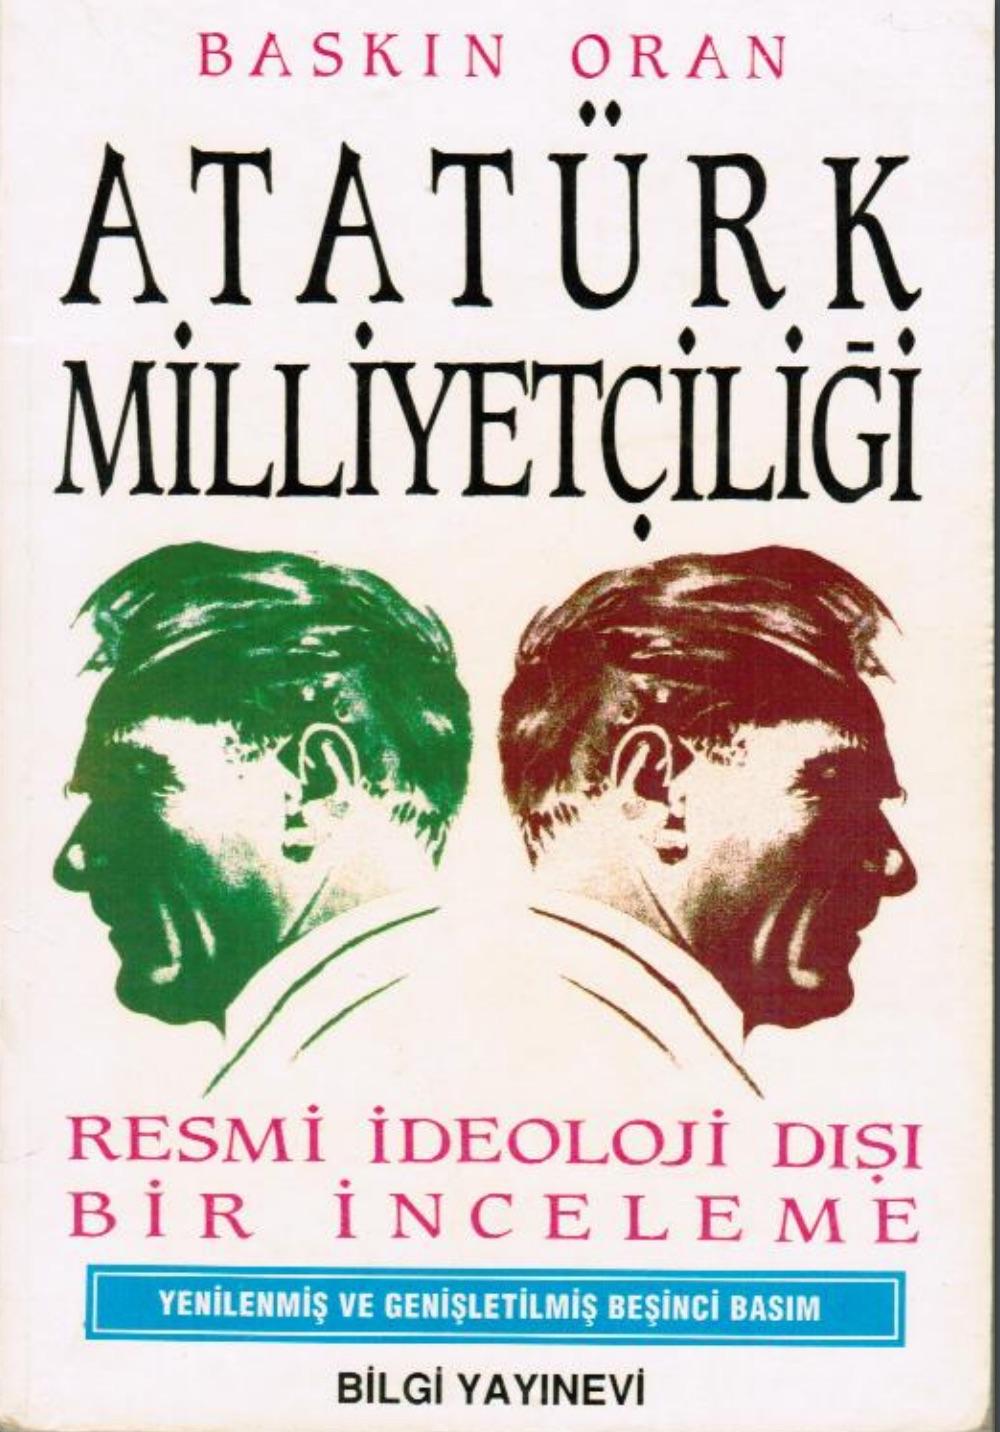 Atatürk Milliyetçiliği Resmi İdeoloji Dışı Bir İnceleme